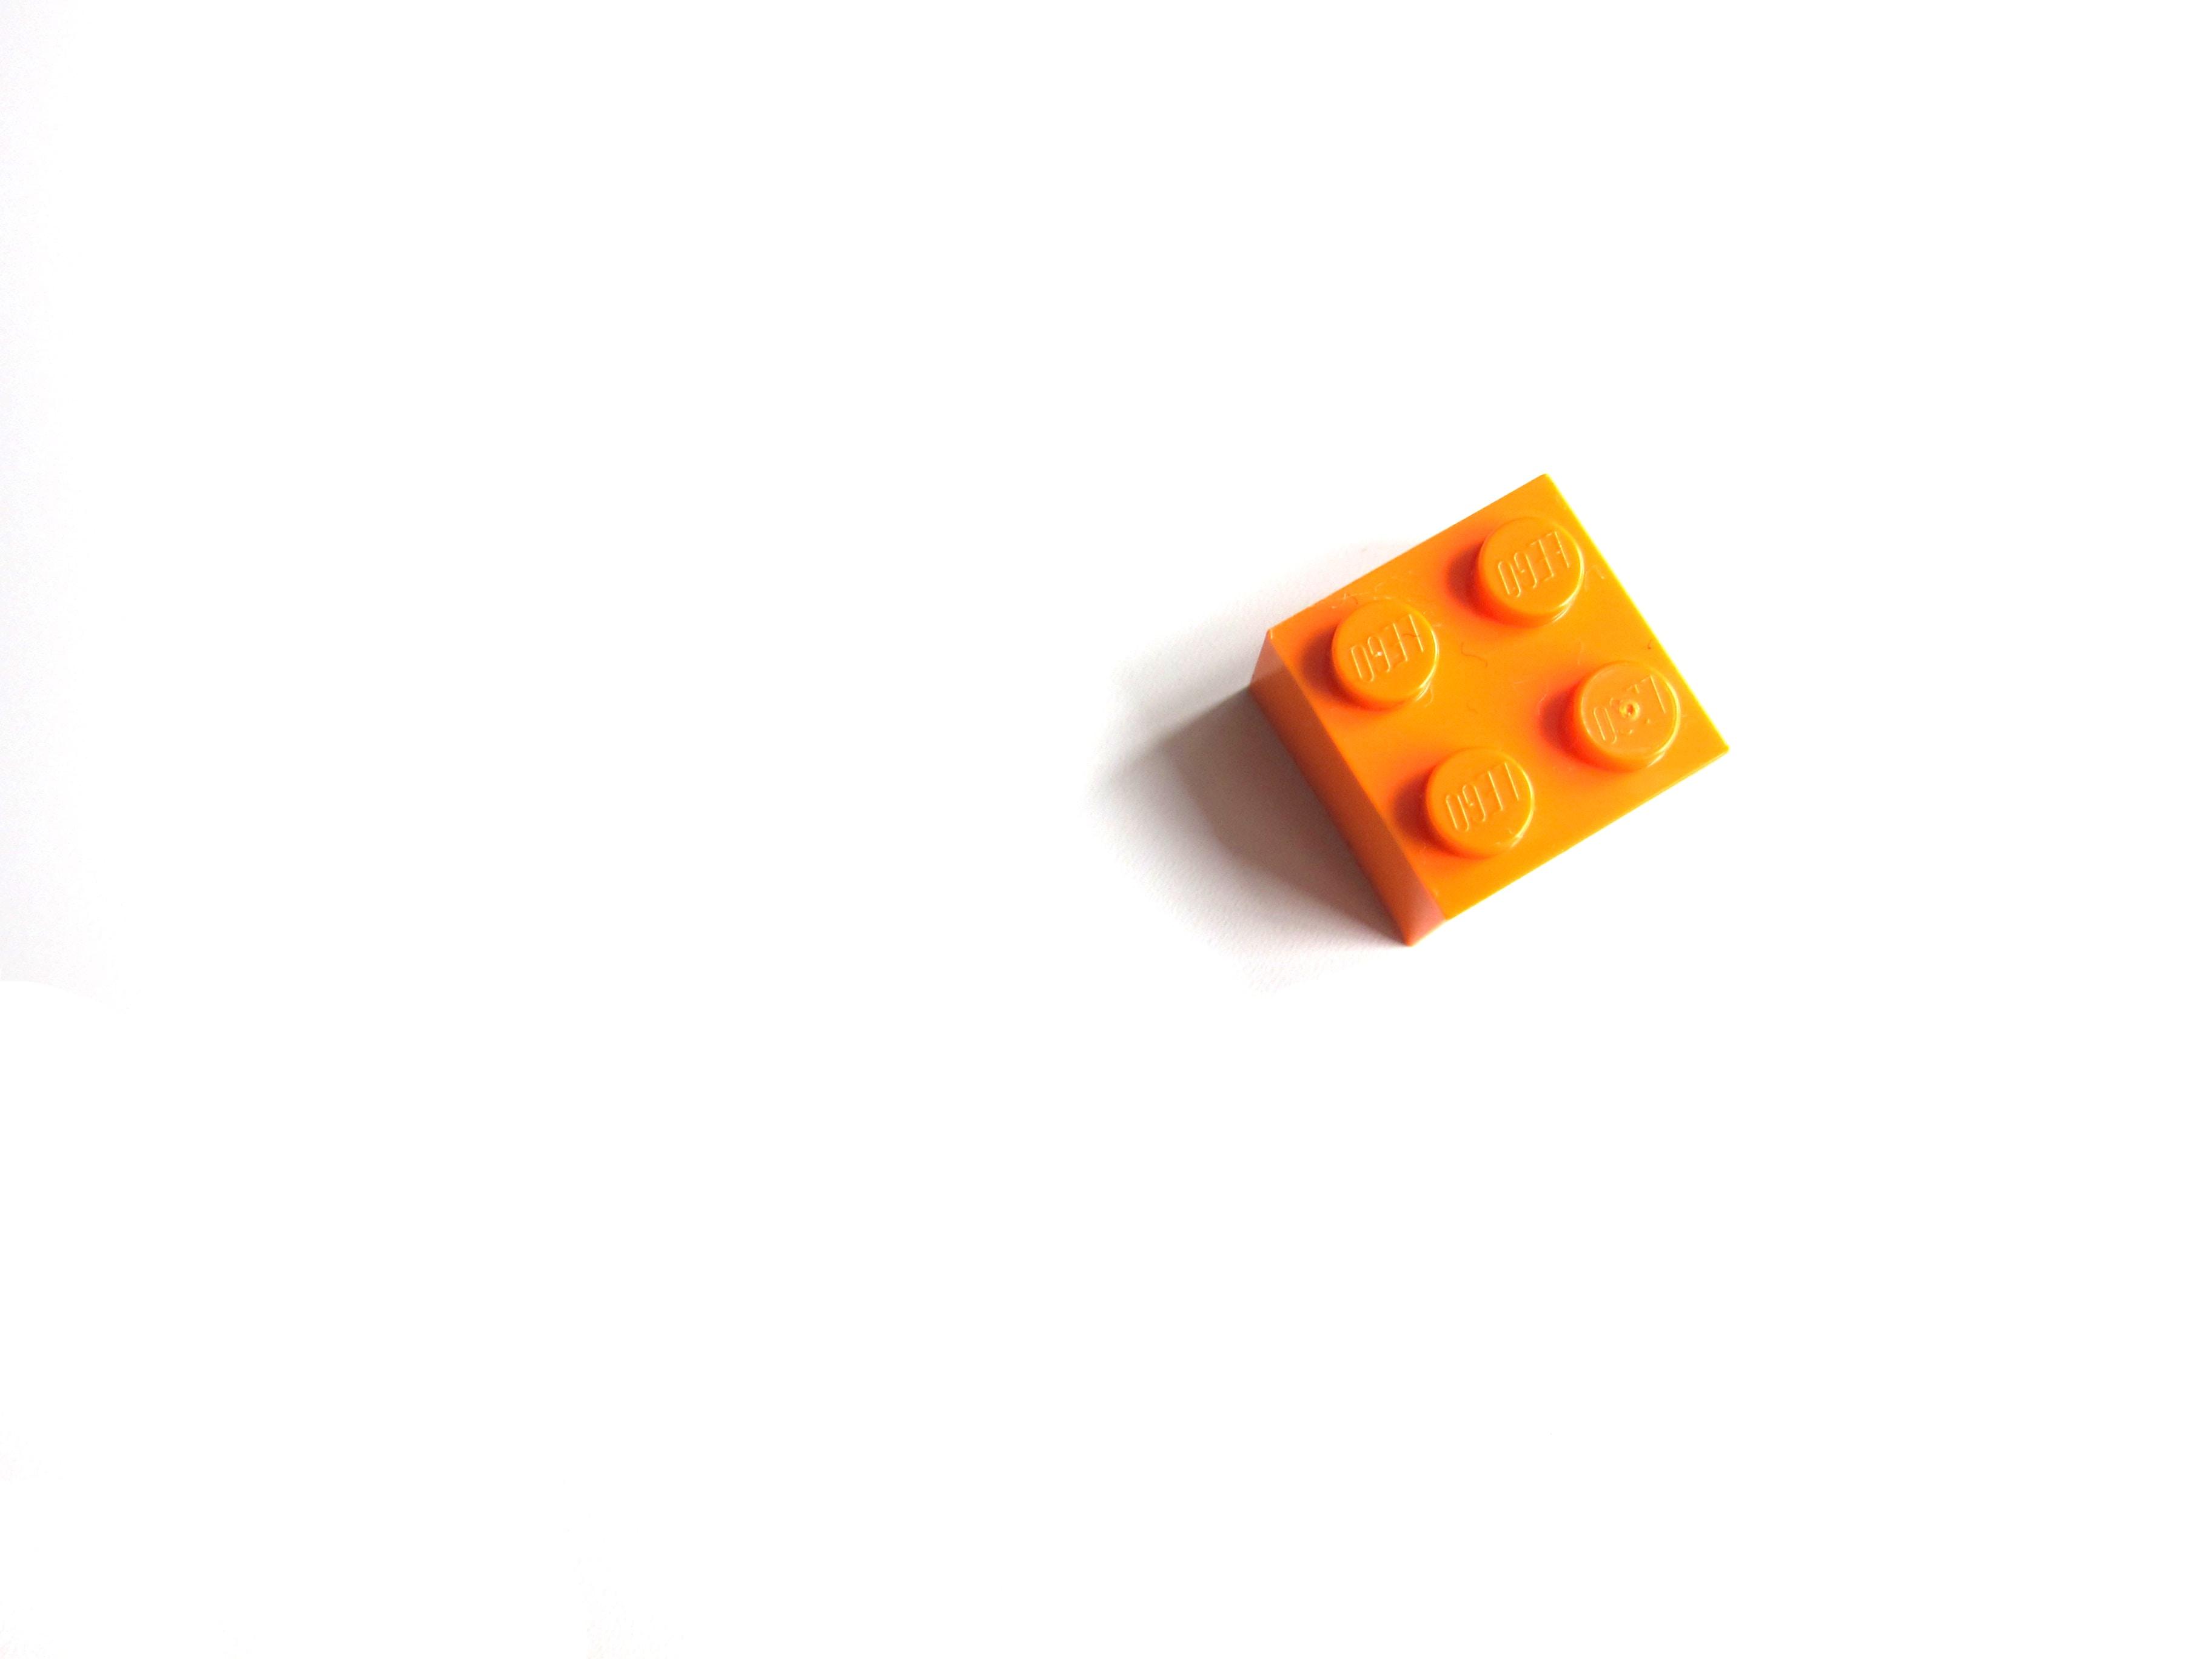 A single orange Lego piece.